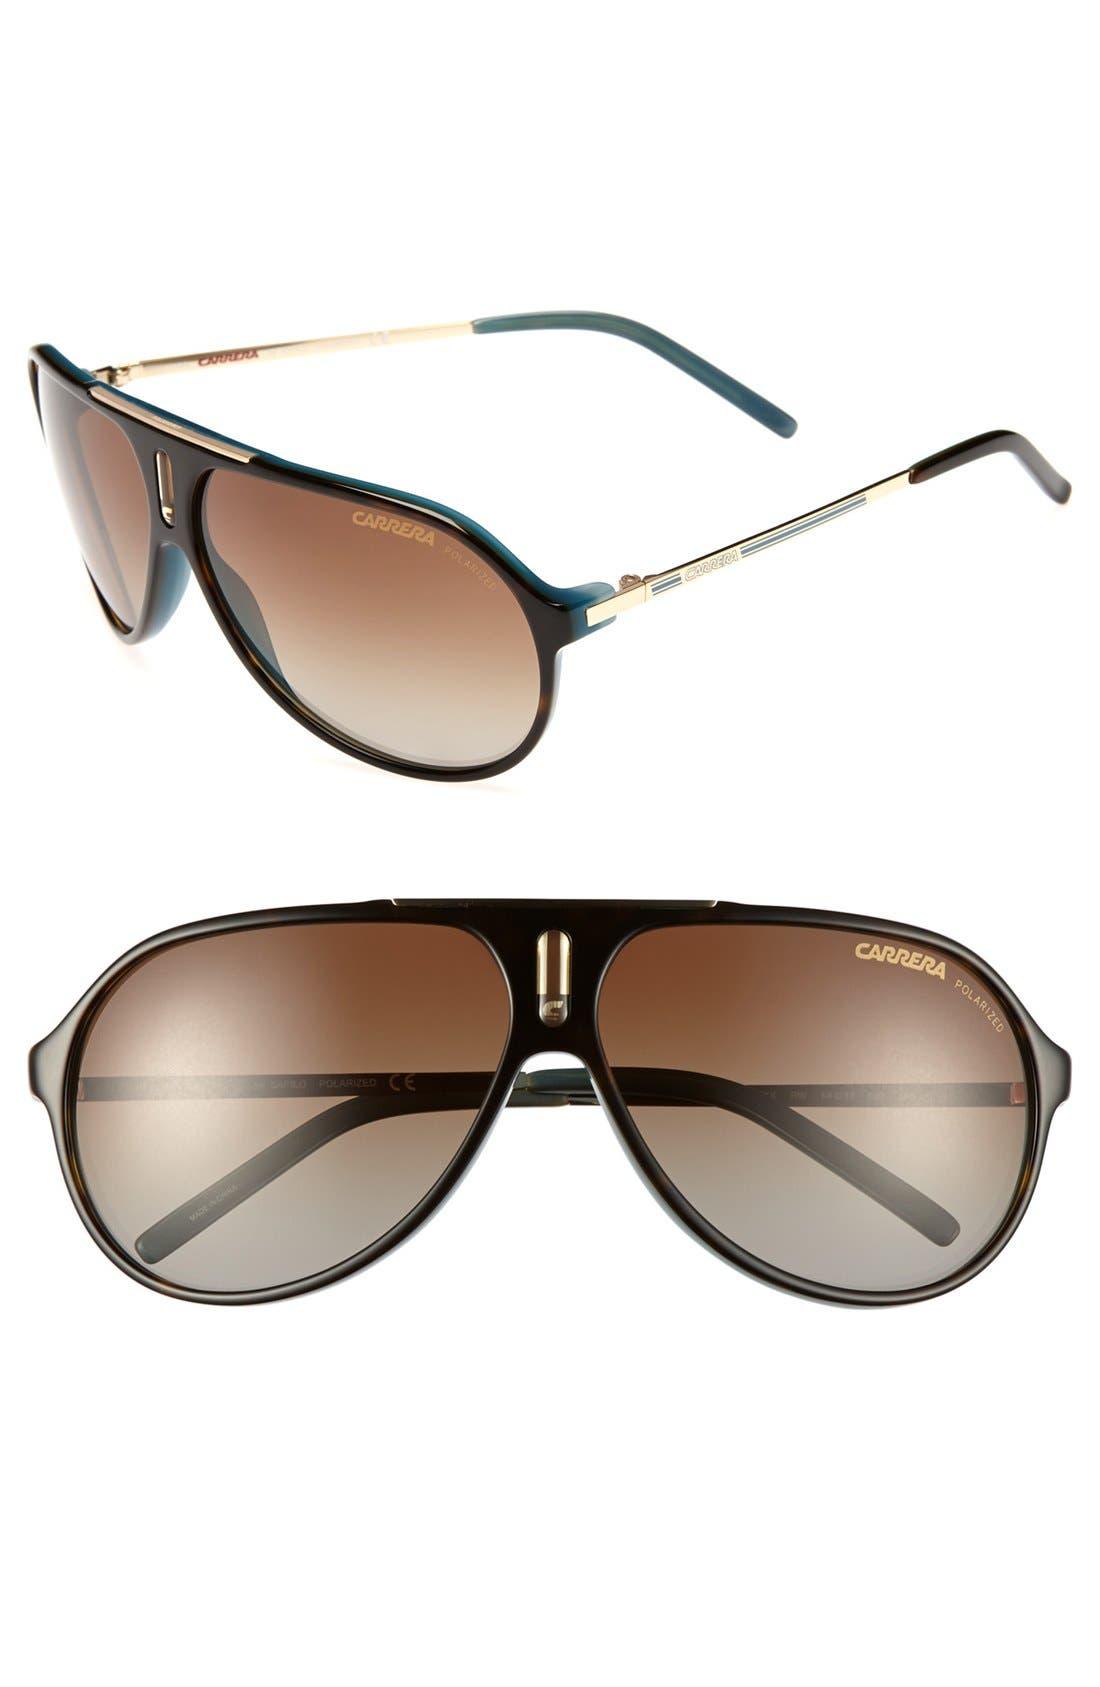 Main Image - Carrera Eyewear 'Hot' 64mm Sunglasses